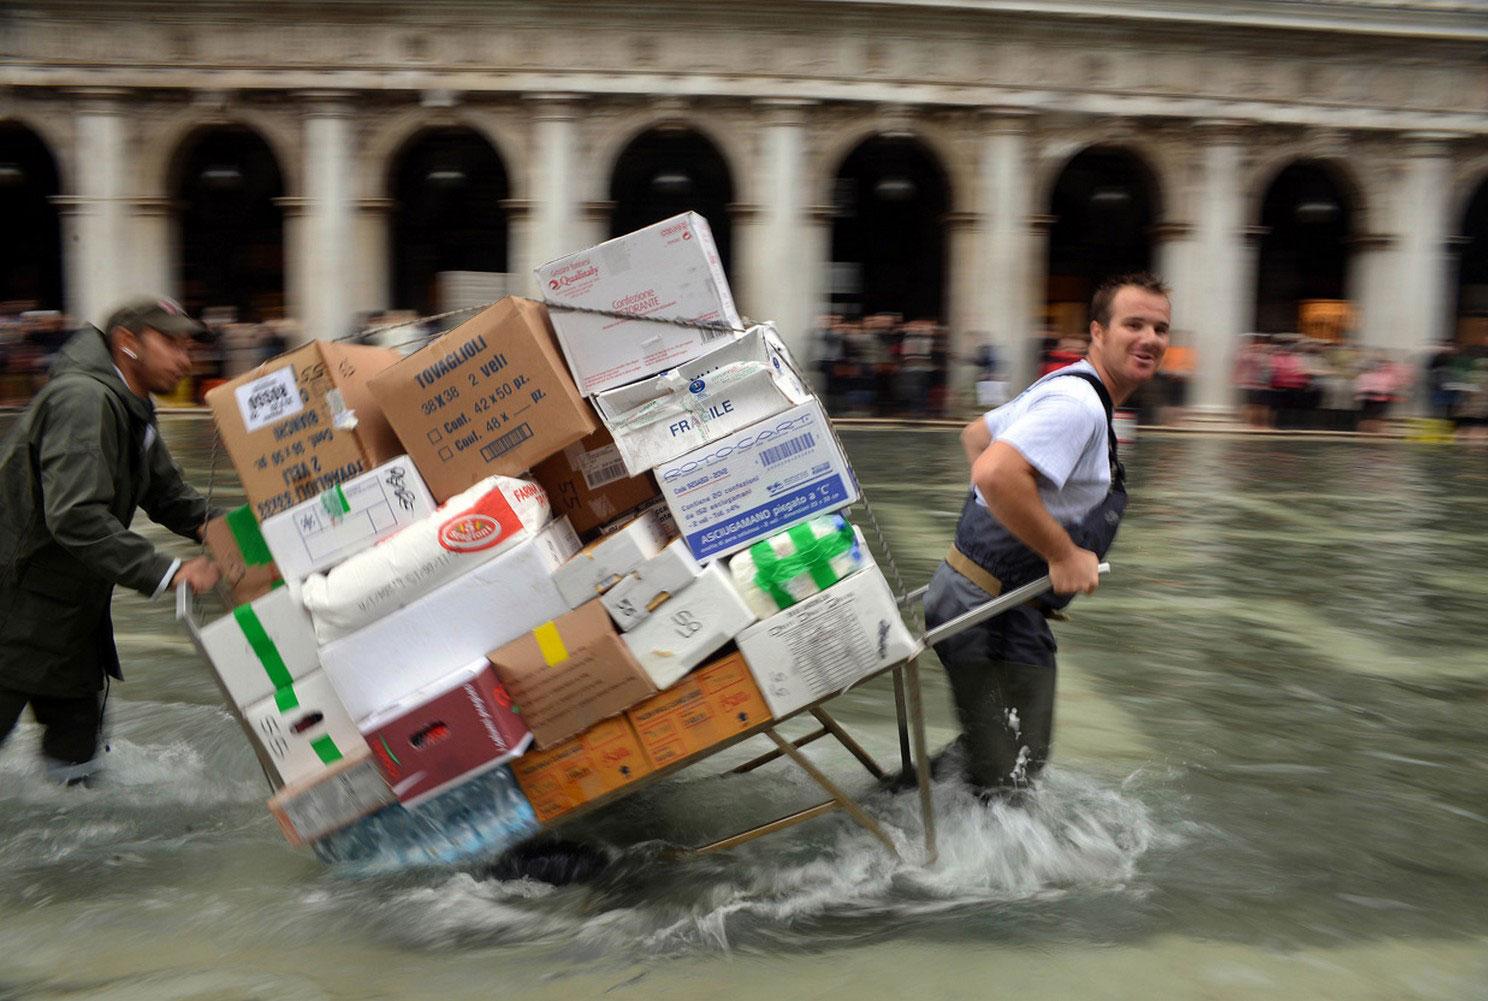 работники везут коробки по затопленной площади, фото